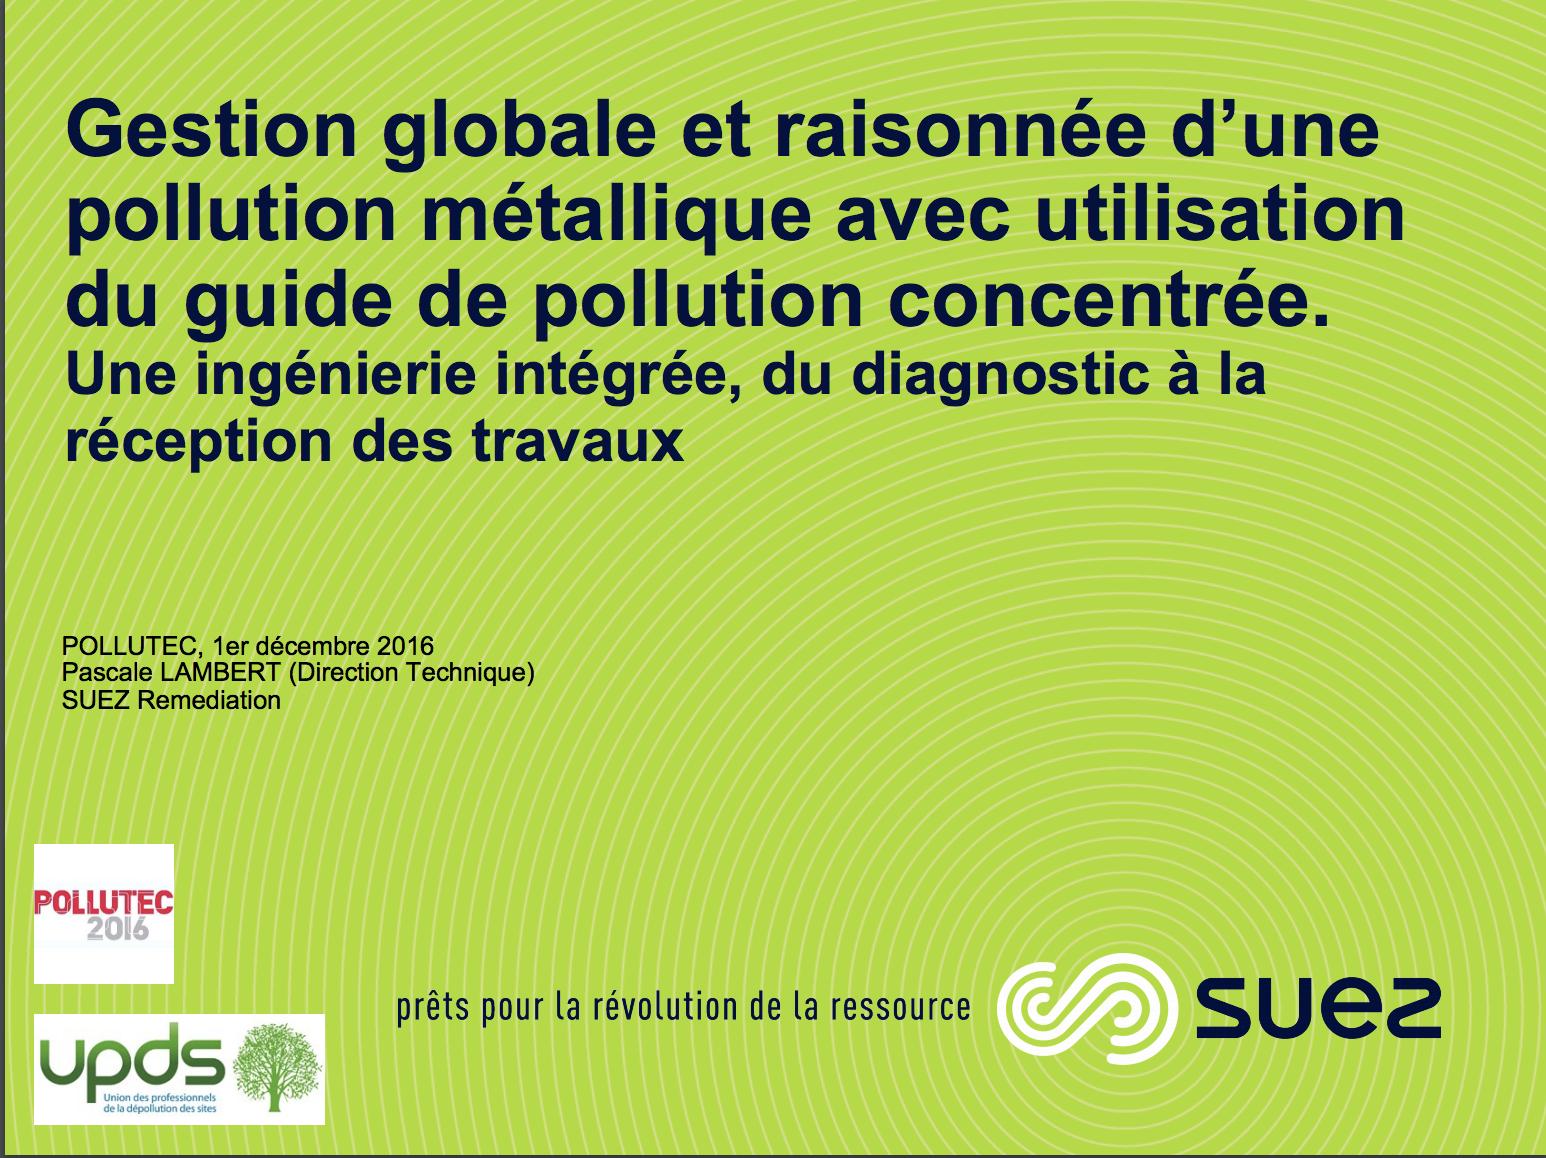 Gestion globale et raisonnée d'une pollution métallique avec utilisation du guide de pollution concentrée – Une ingénierie intégrée, du diagnostic à la réception des travaux - SUEZ - 2016